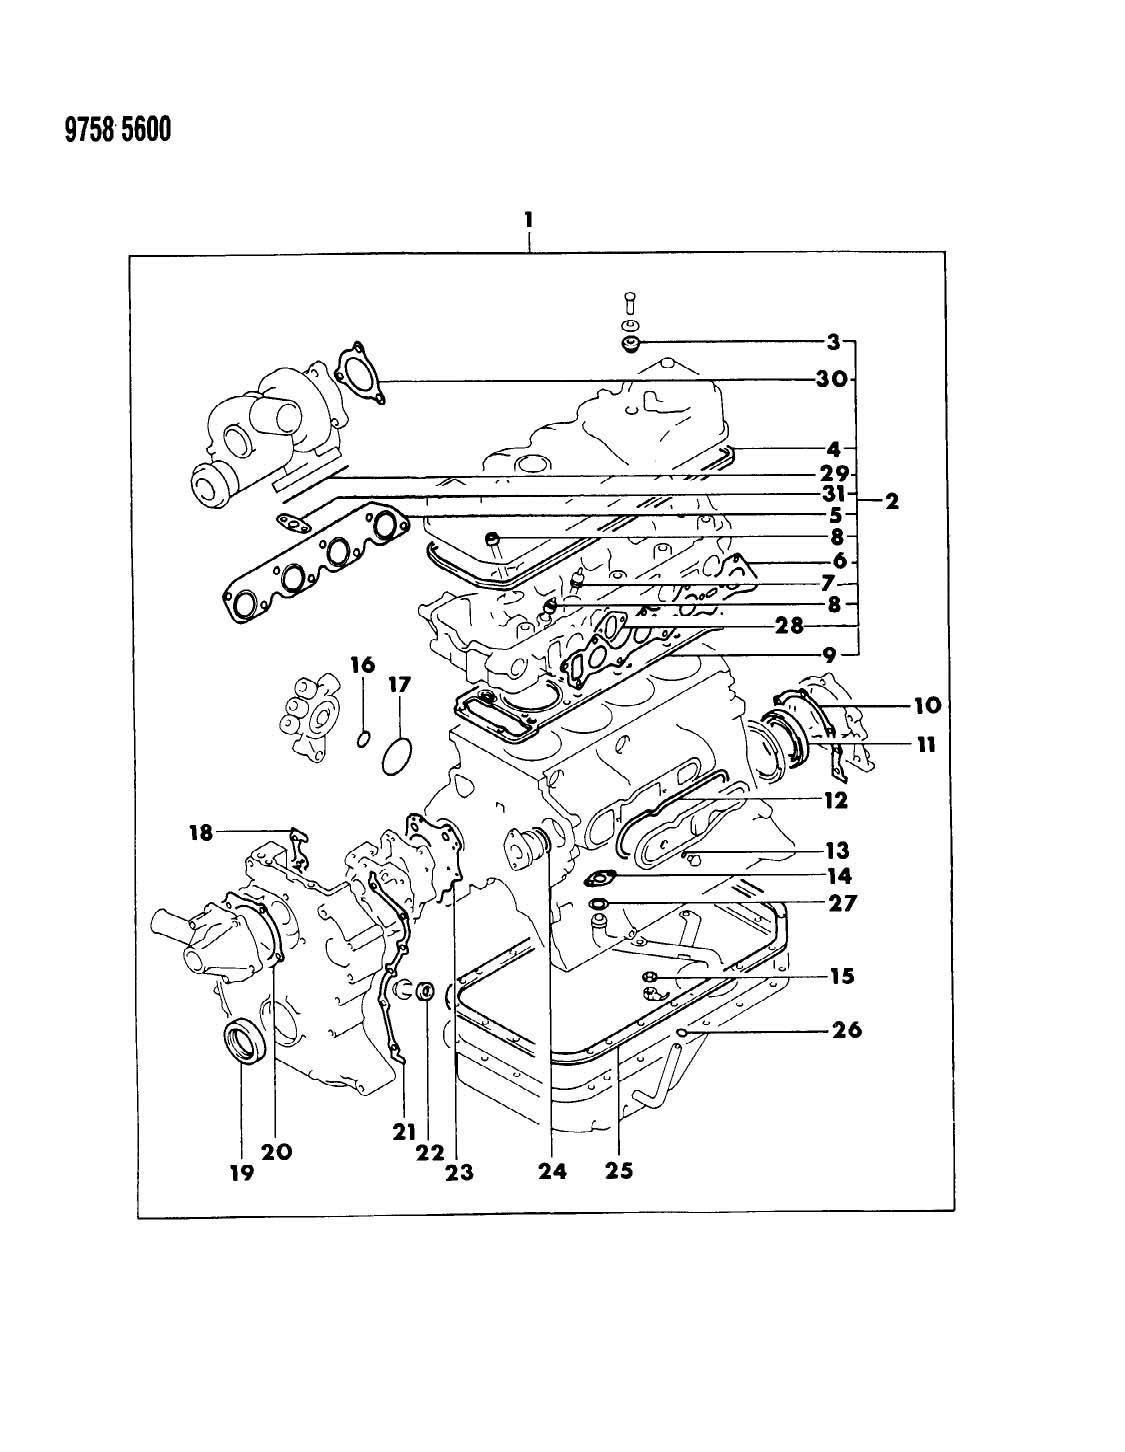 1989 Dodge Ram 50 Wiring Diagram Schematics Dakota Raider Books Of U2022 98 Parts